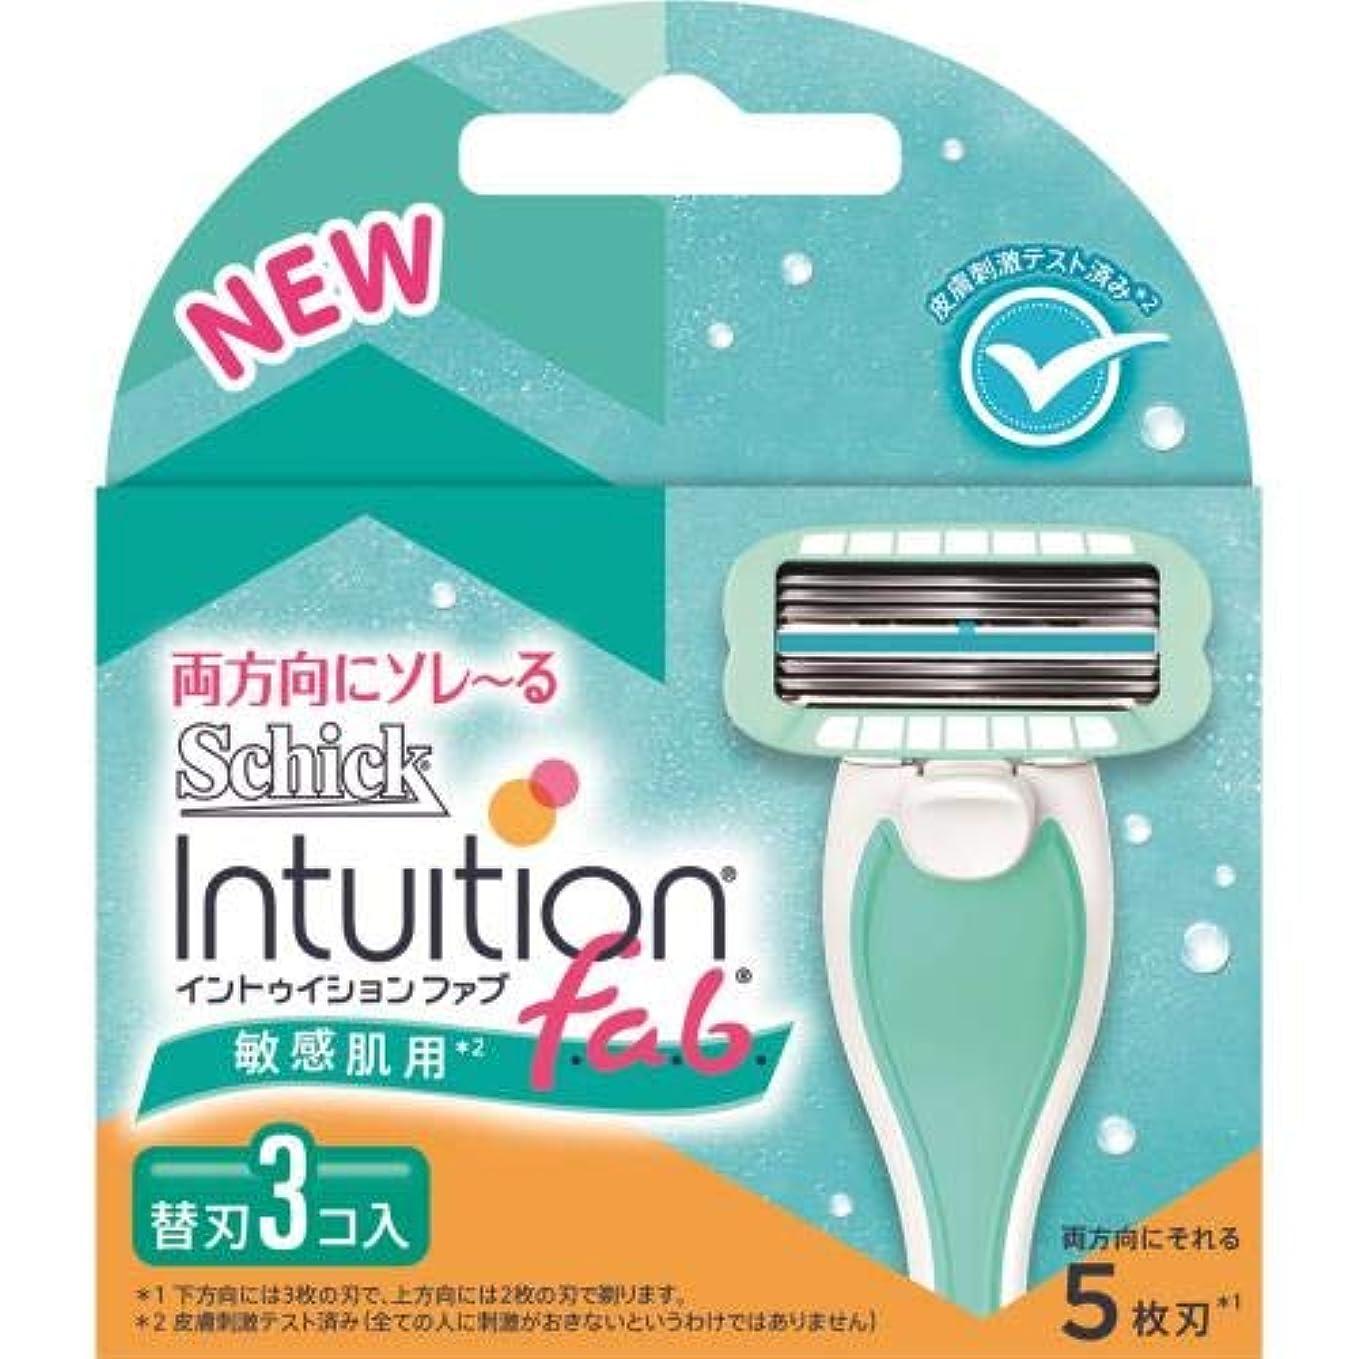 温かい揮発性付録シック?ジャパン イントゥイション ファブ 替刃 敏感肌用 (3個入) 女性用カミソリ 4個セット